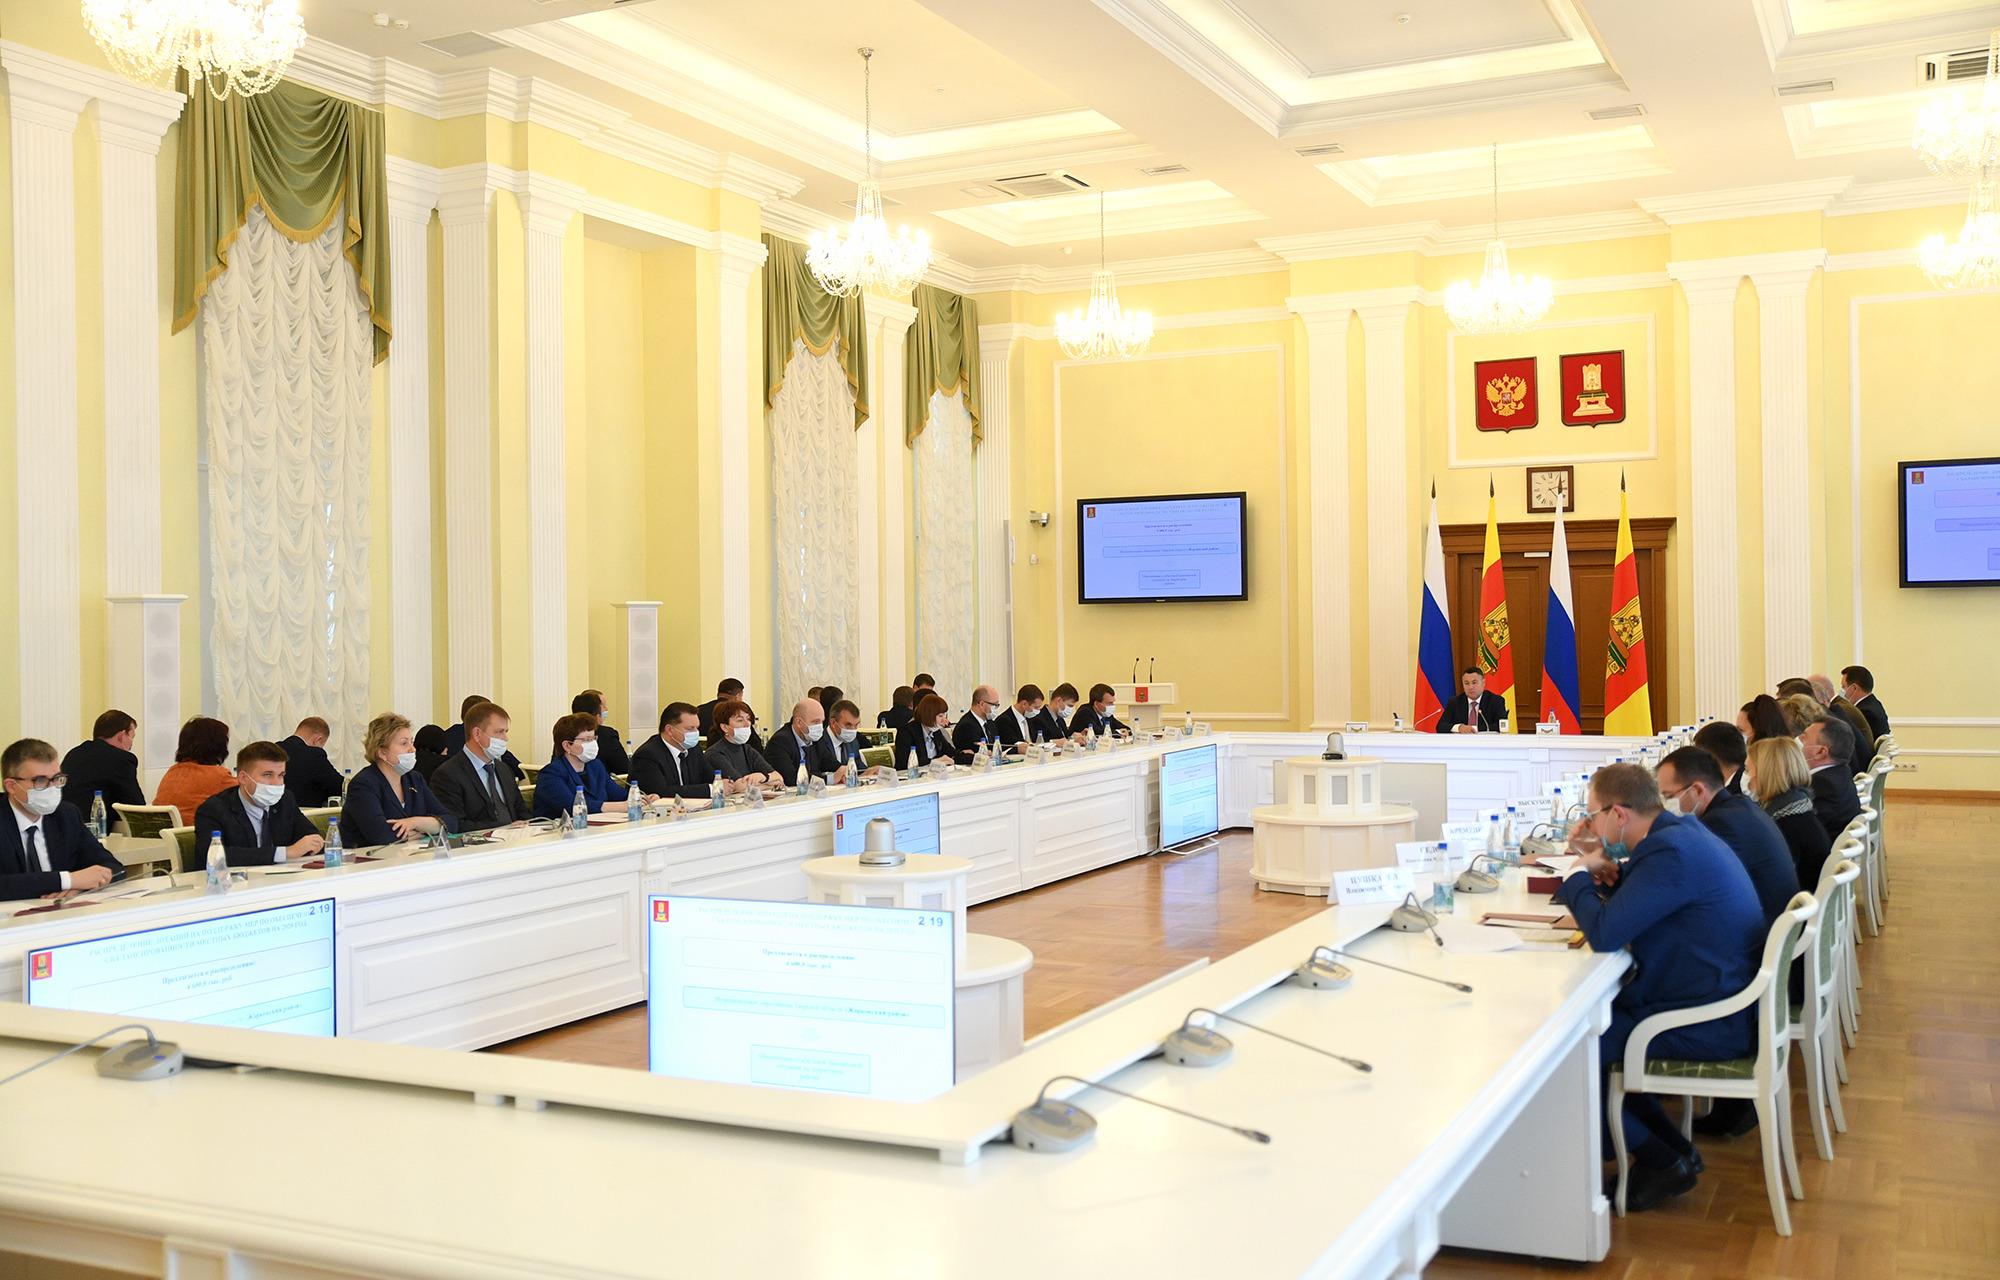 Маленьким муниципалитетам Тверской области выделят больше денег на газификацию